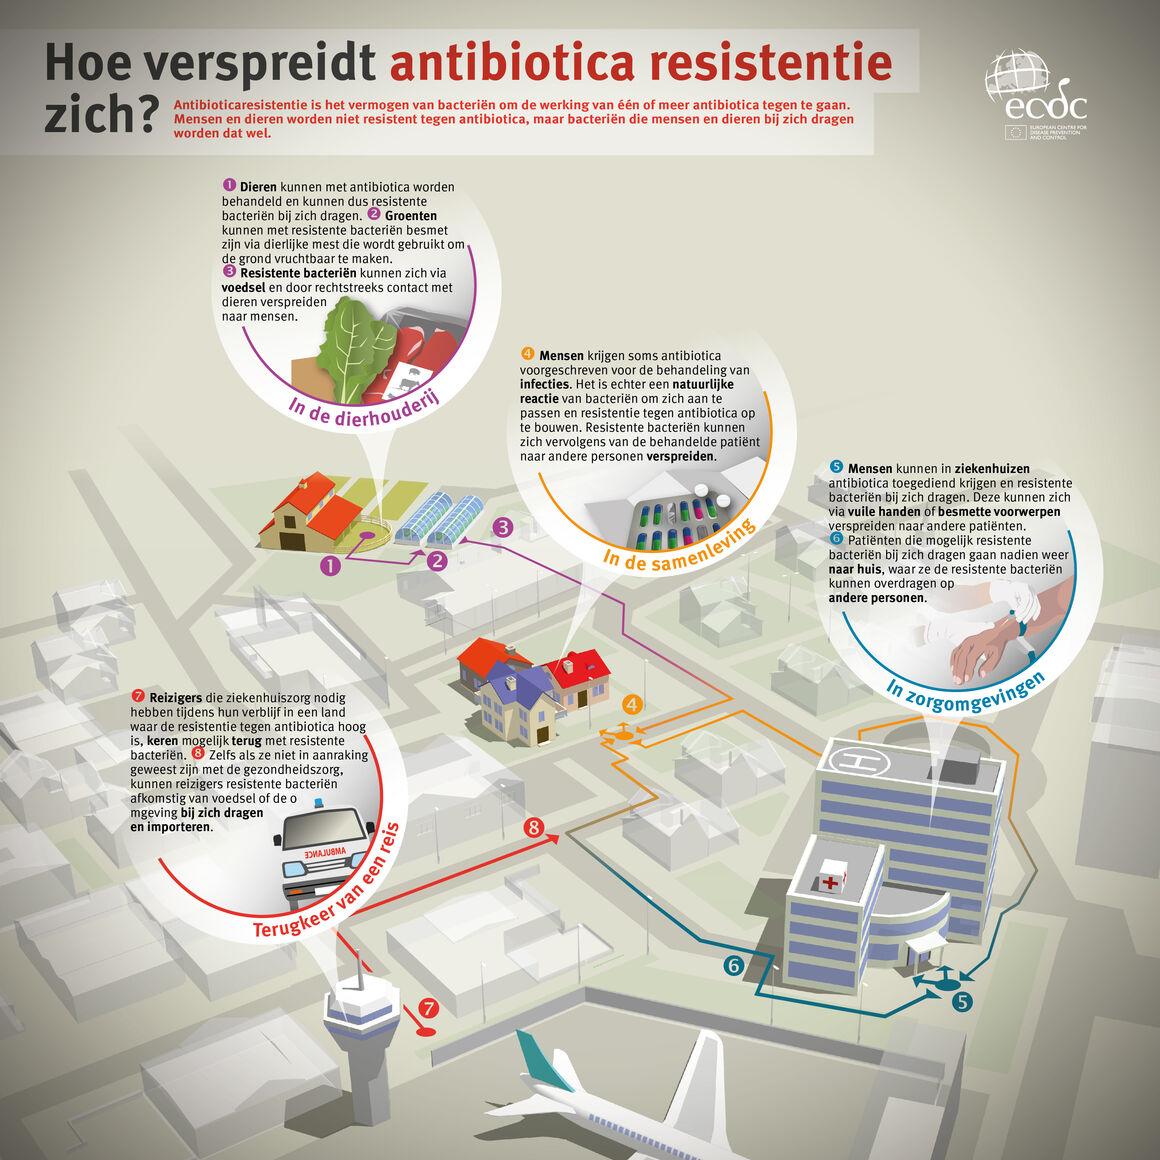 Hoe verspreidt antibiotica resistentie zich?